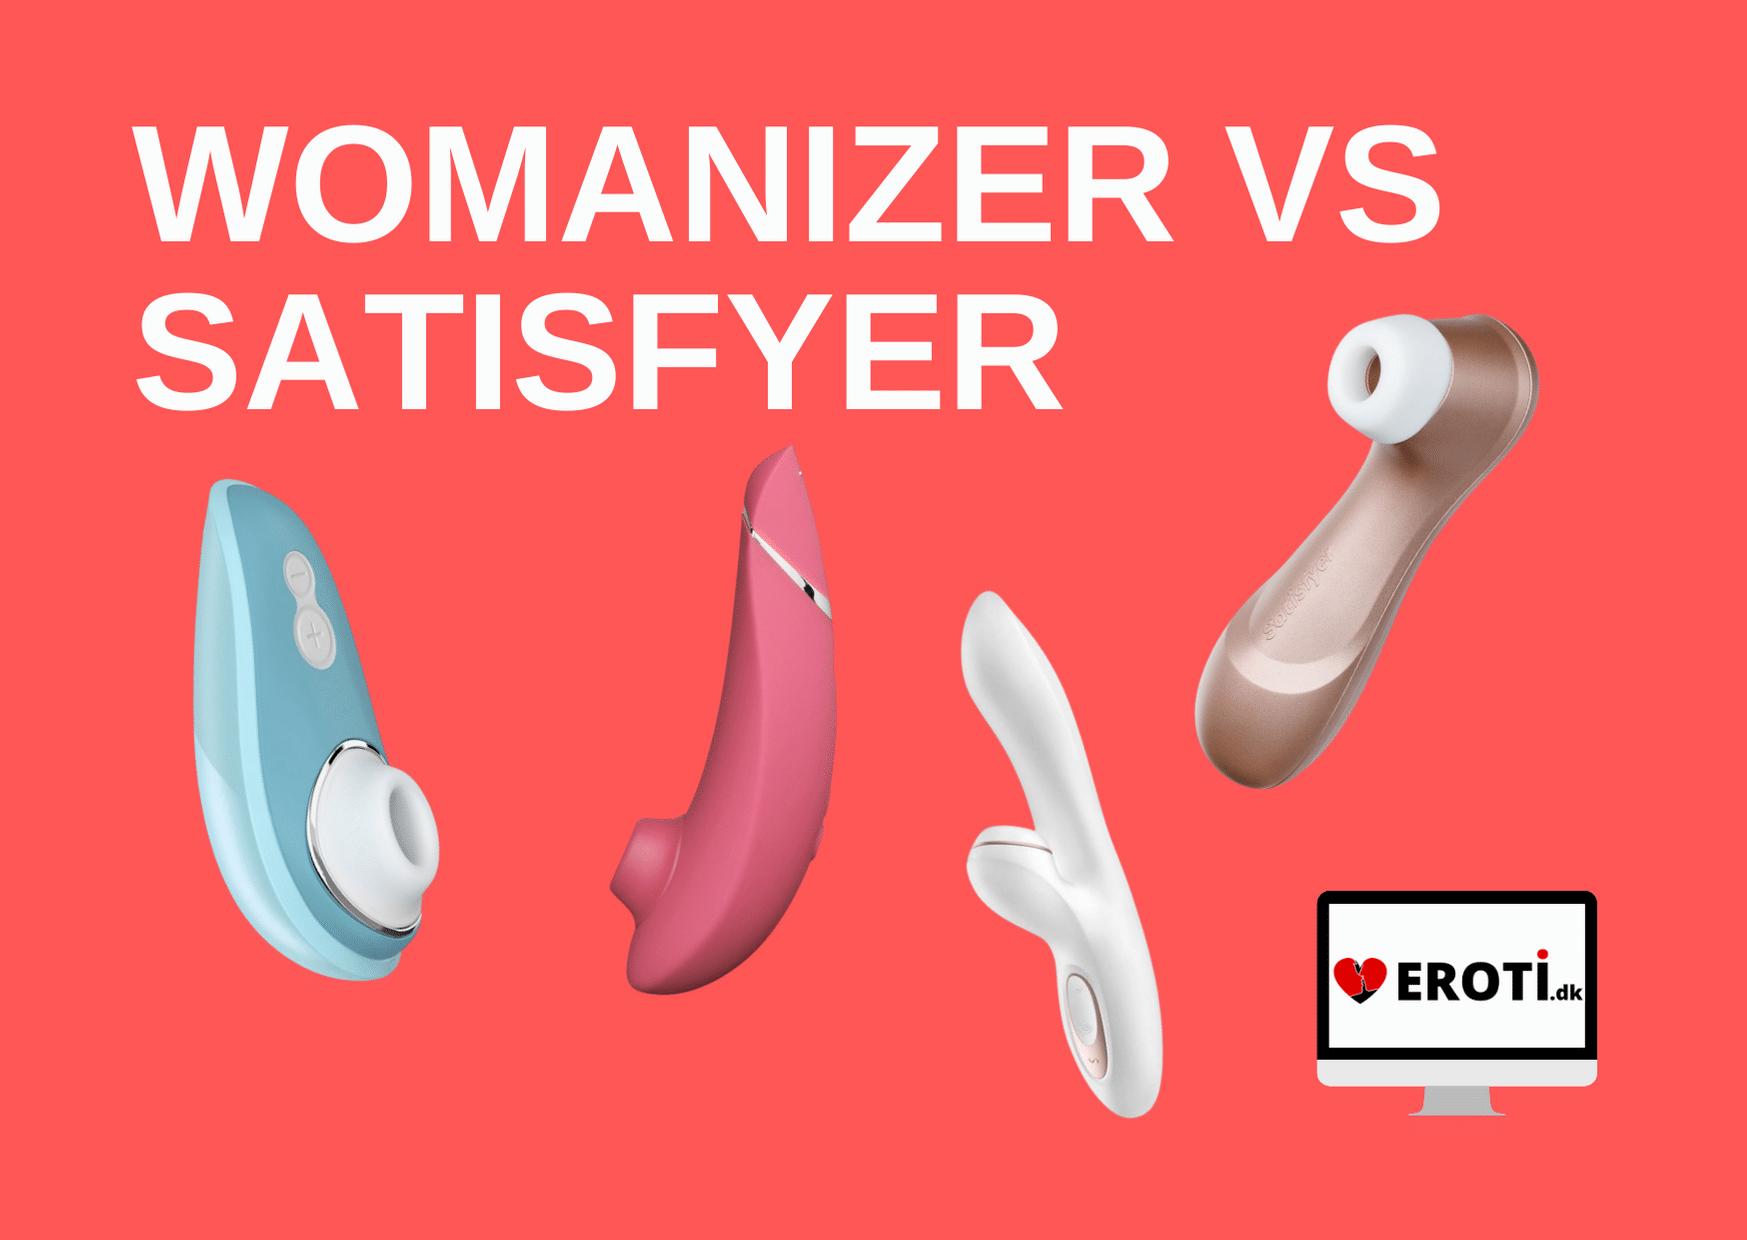 Womanizer vs Satisfyer